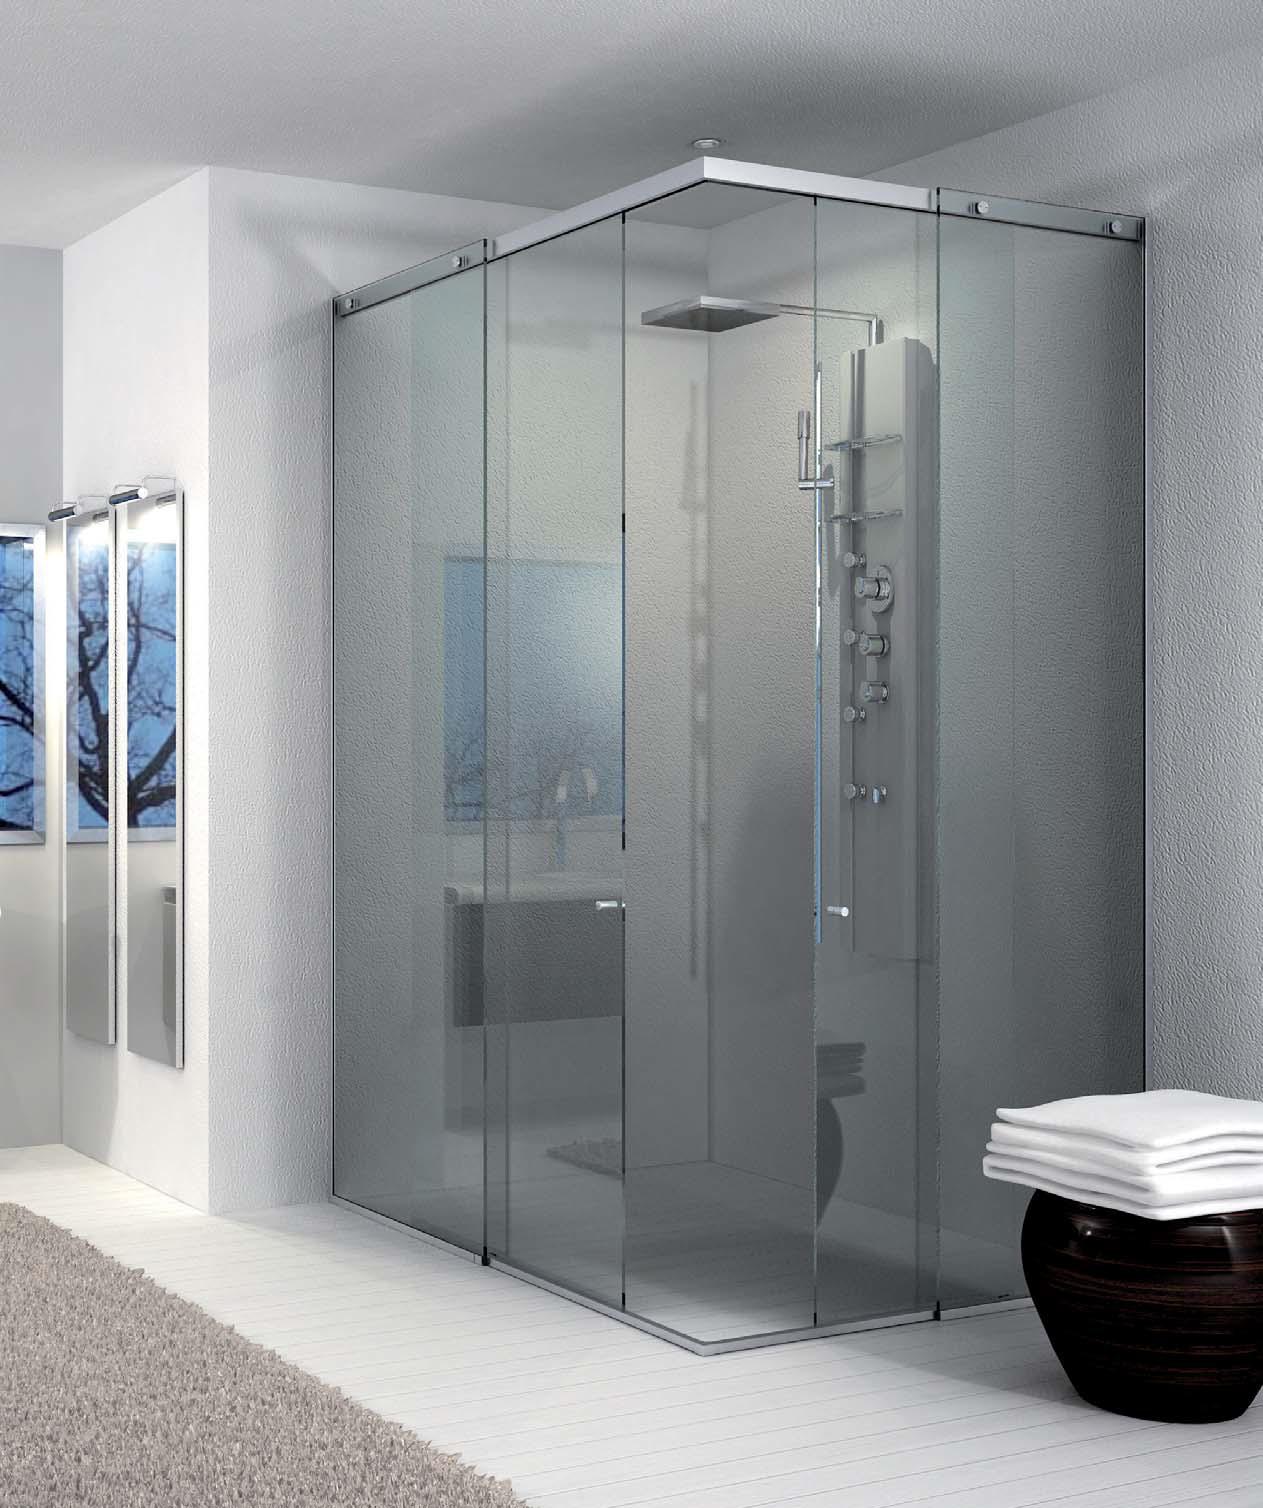 Idea vetro box doccia - Il box doccia ...